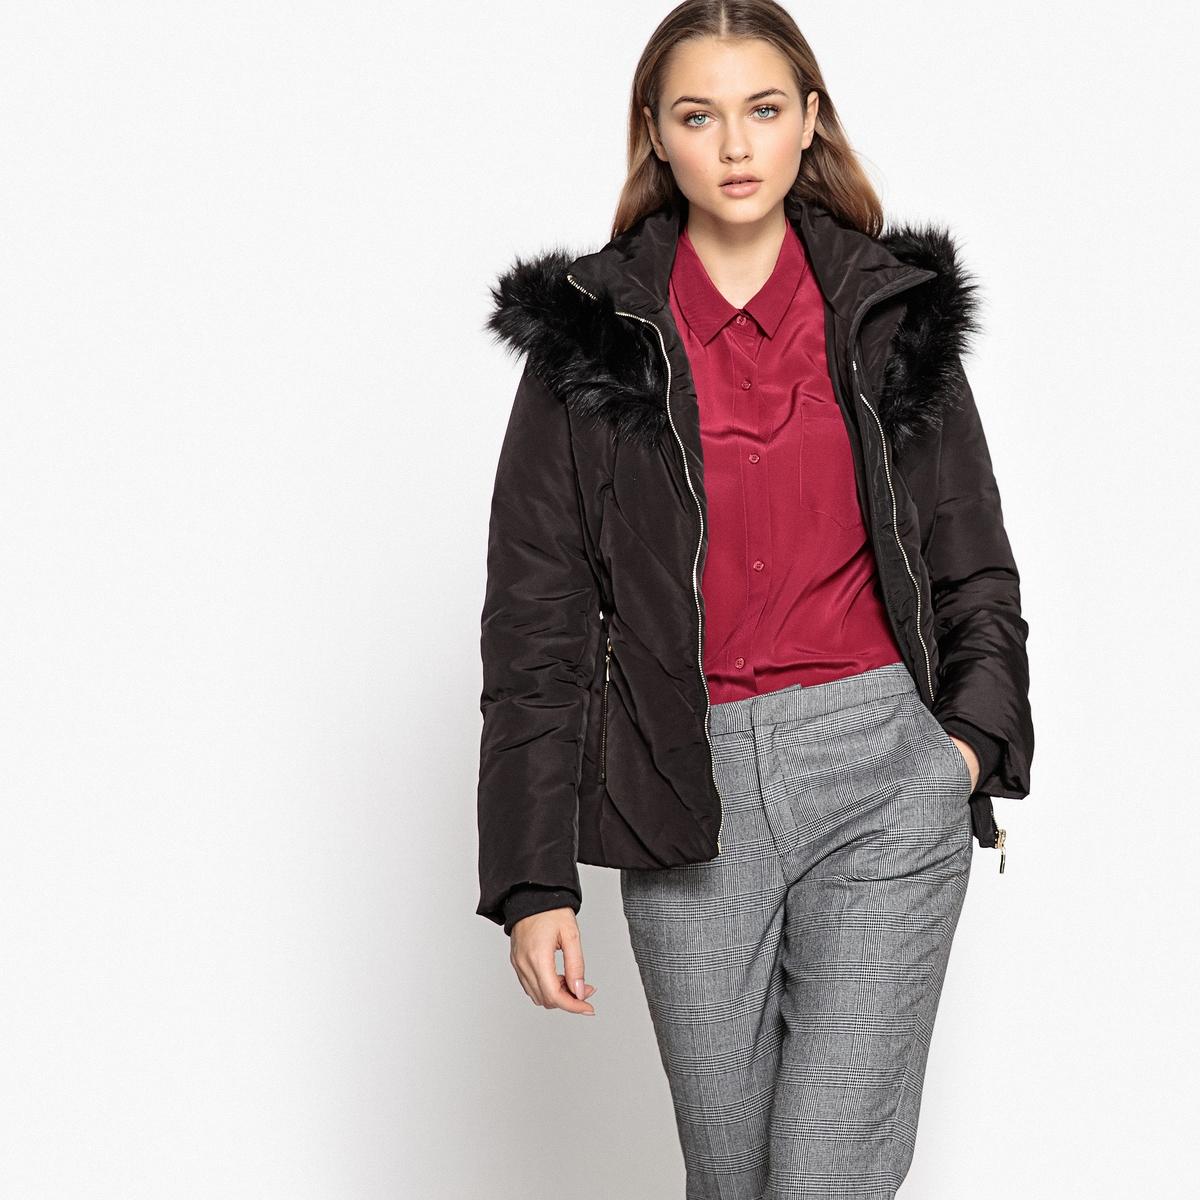 Куртка стеганая с капюшономБлагодаря этой стеганой куртке с капюшоном вы будете в тепле этой зимой . Стильная, женственная и современная, в этой куртке есть все, чтобы вам понравиться . Детали •  Длина  : укороченная   •  Капюшон •  Застежка на молнию •  С капюшономСостав и уход •  100% полиэстер •  Подкладка : 100% полиэстер •  Наполнитель : 70% пуха, 30% пера •  Следуйте советам по уходу, указанным на этикетке •  Длина  : 65 см<br><br>Цвет: коричневый,черный<br>Размер: 44 (FR) - 50 (RUS).42 (FR) - 48 (RUS).46 (FR) - 52 (RUS)